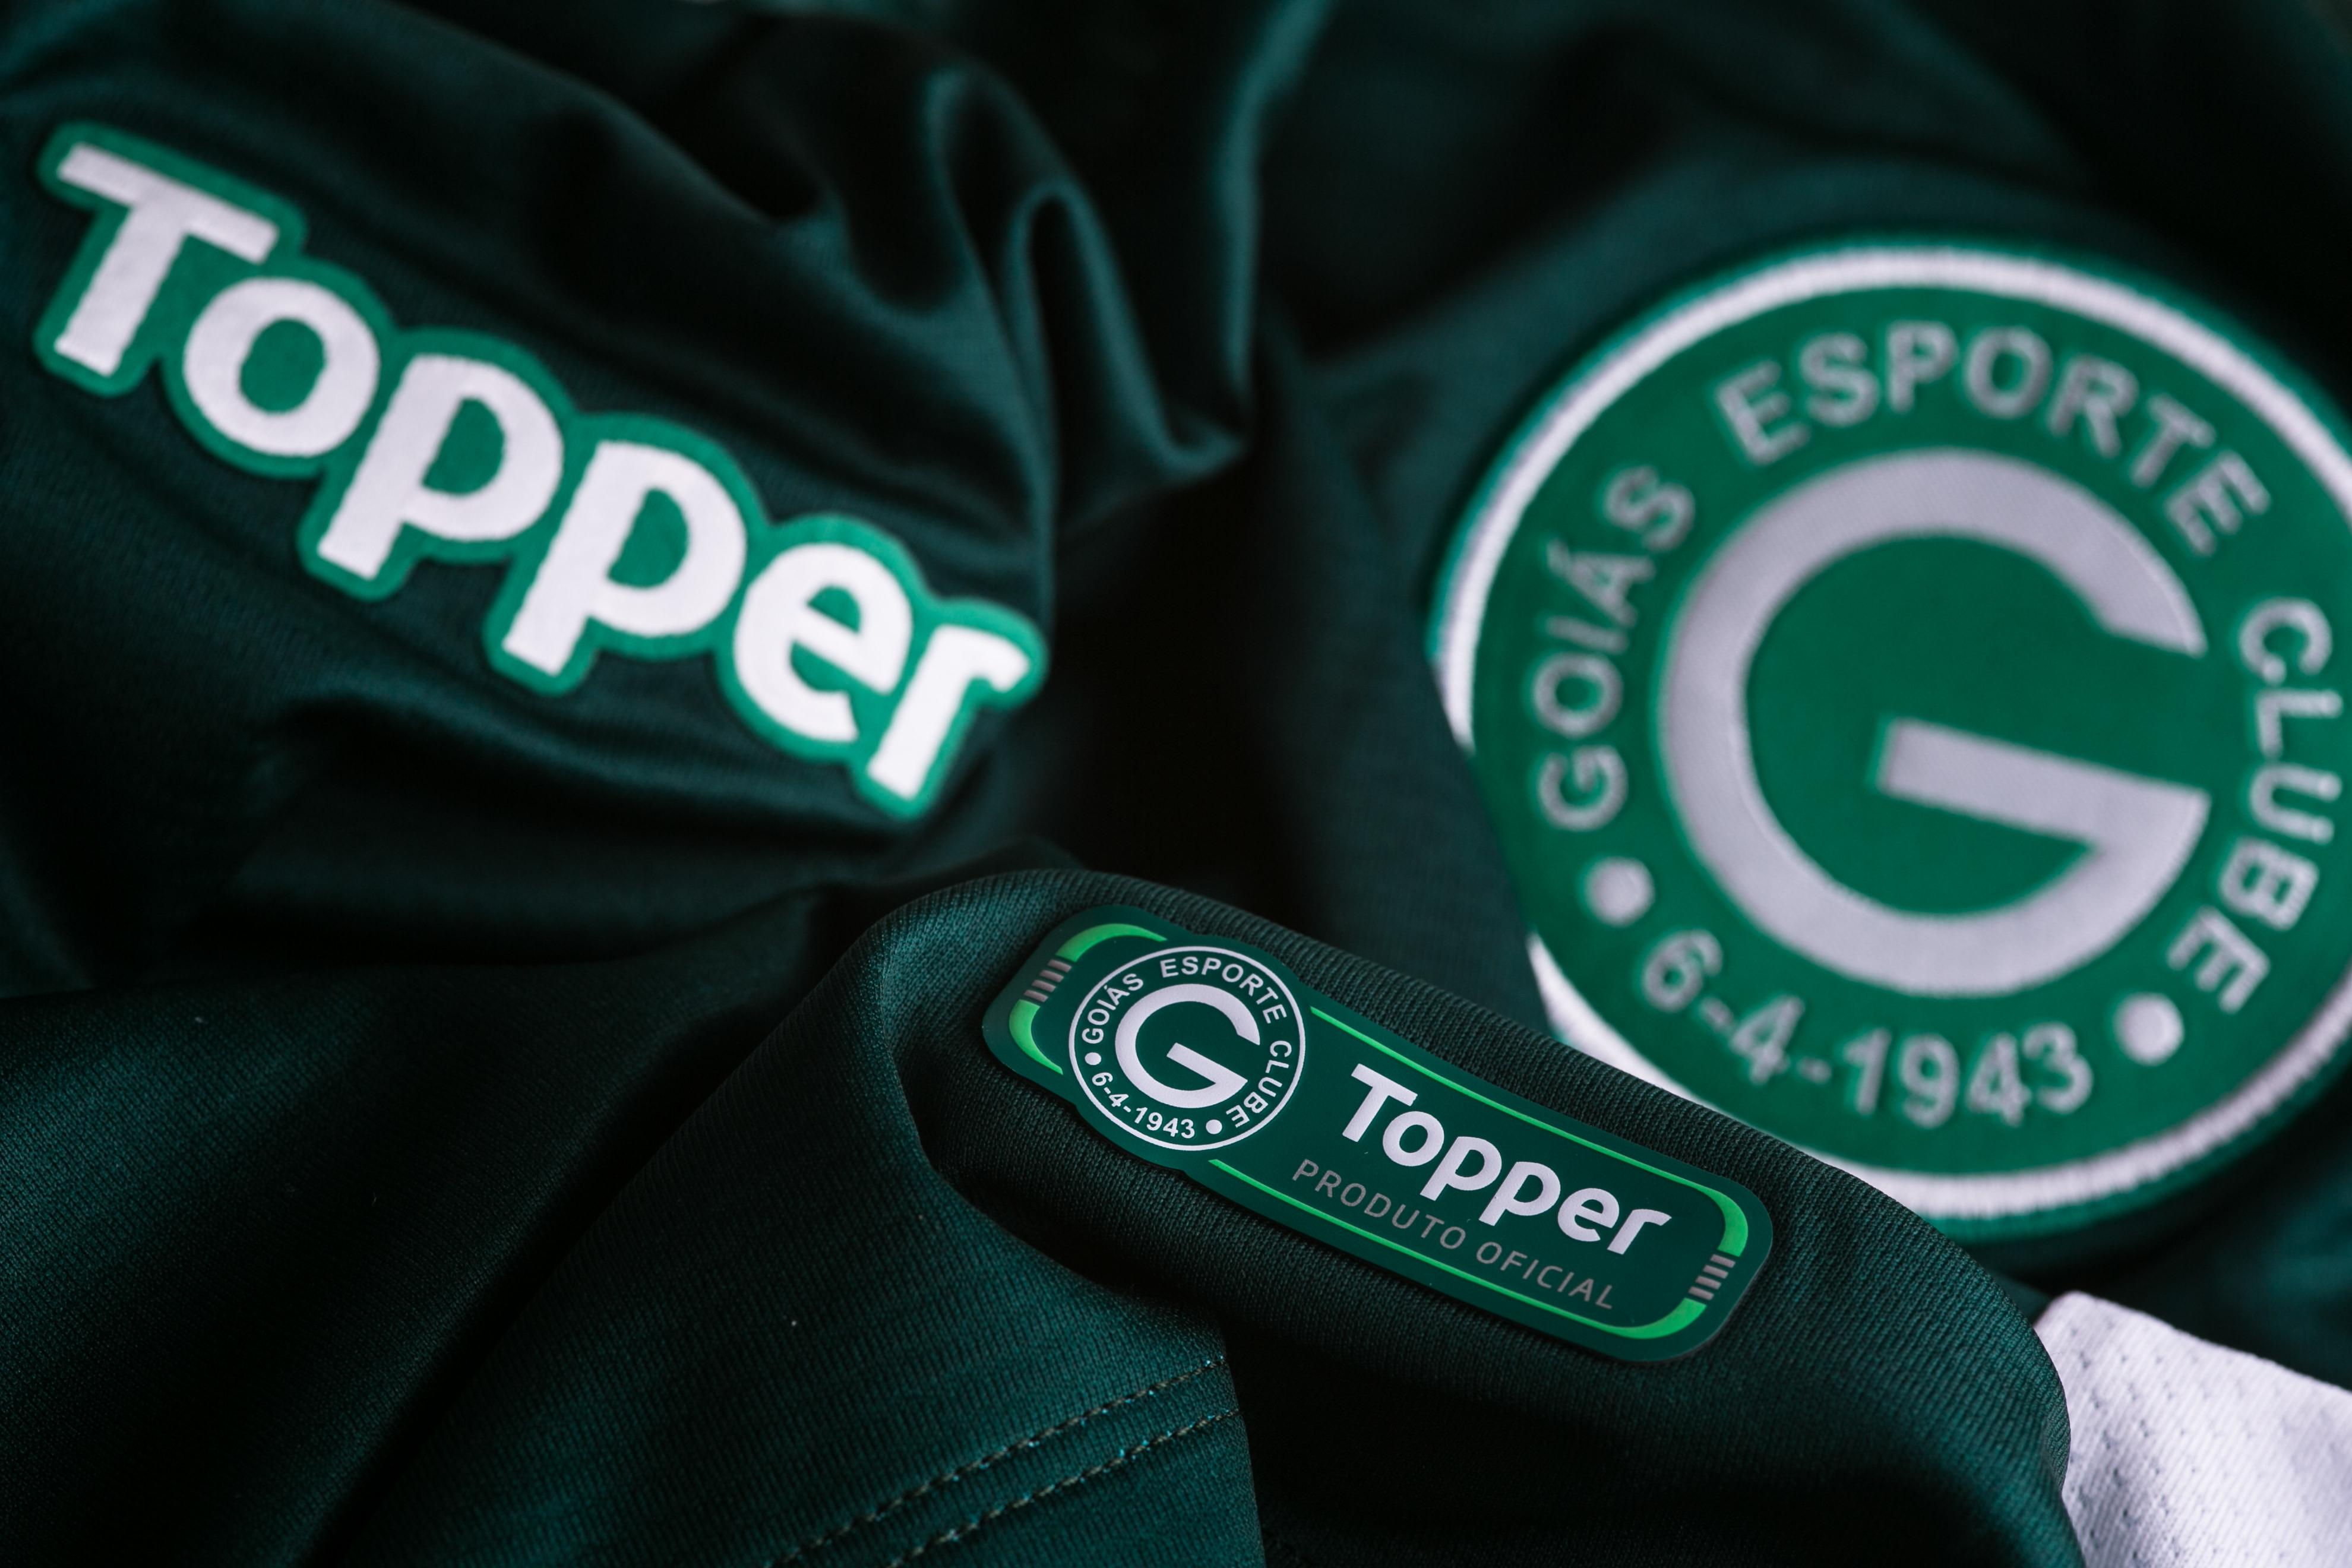 84db58112f O Goiás e a Topper apresentaram a coleção 2018 19 do clube esmeraldino